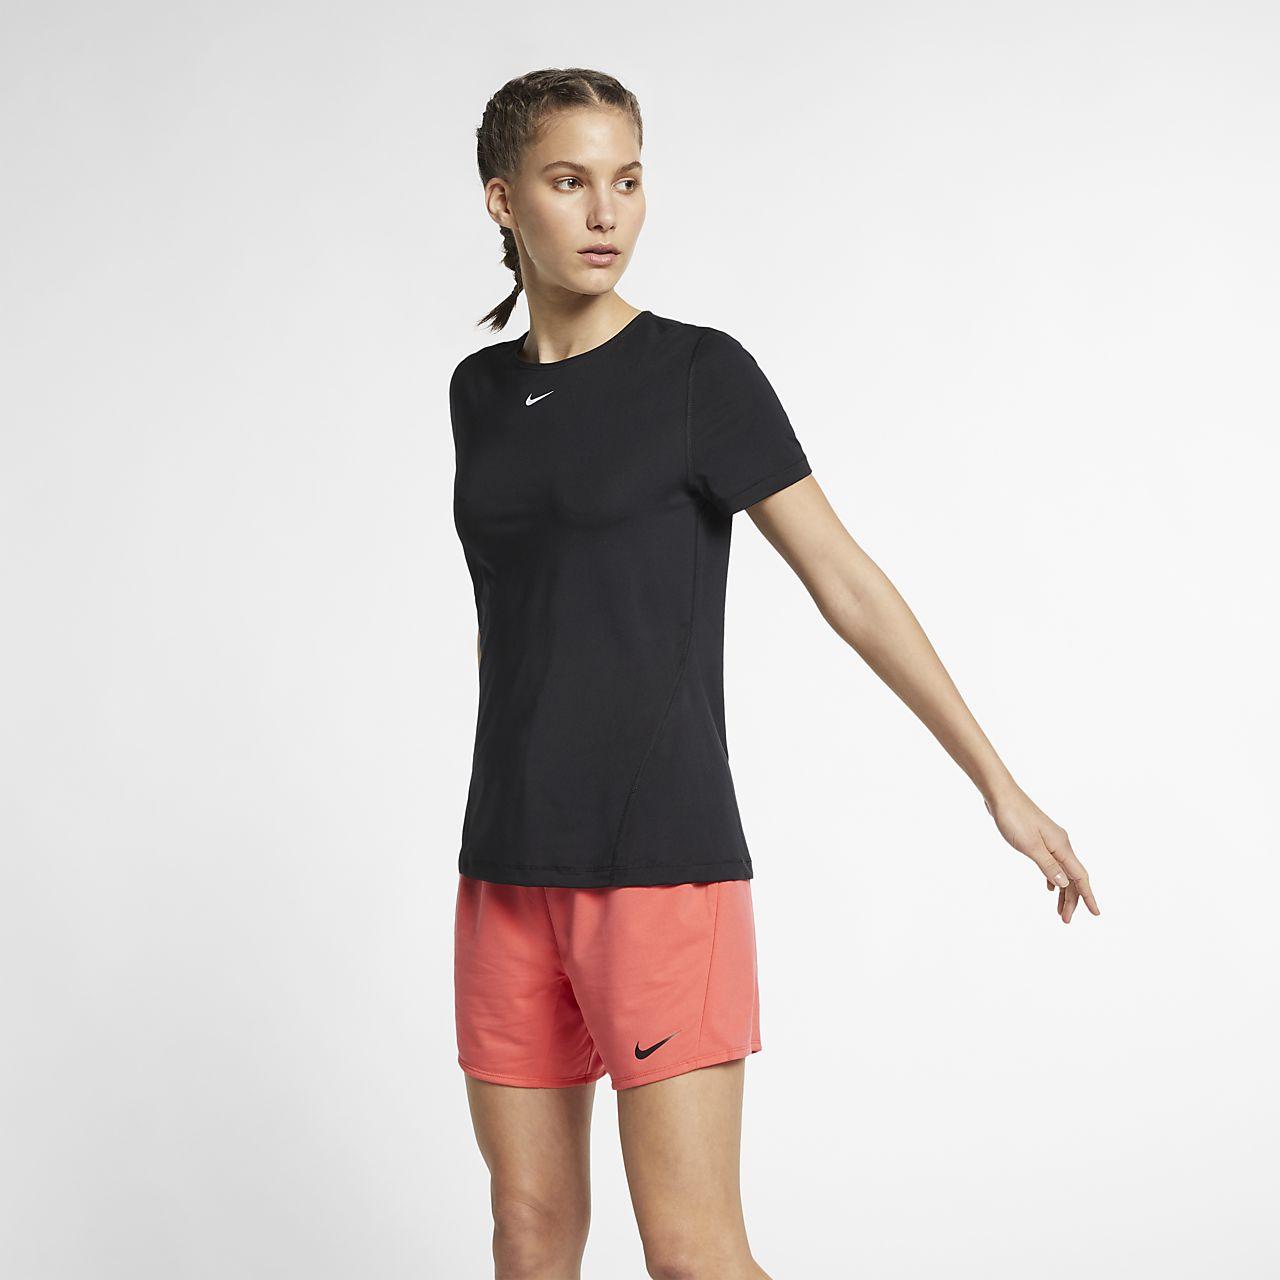 Nike Pro Kısa Kollu Fileli Kadın Antrenman Üstü